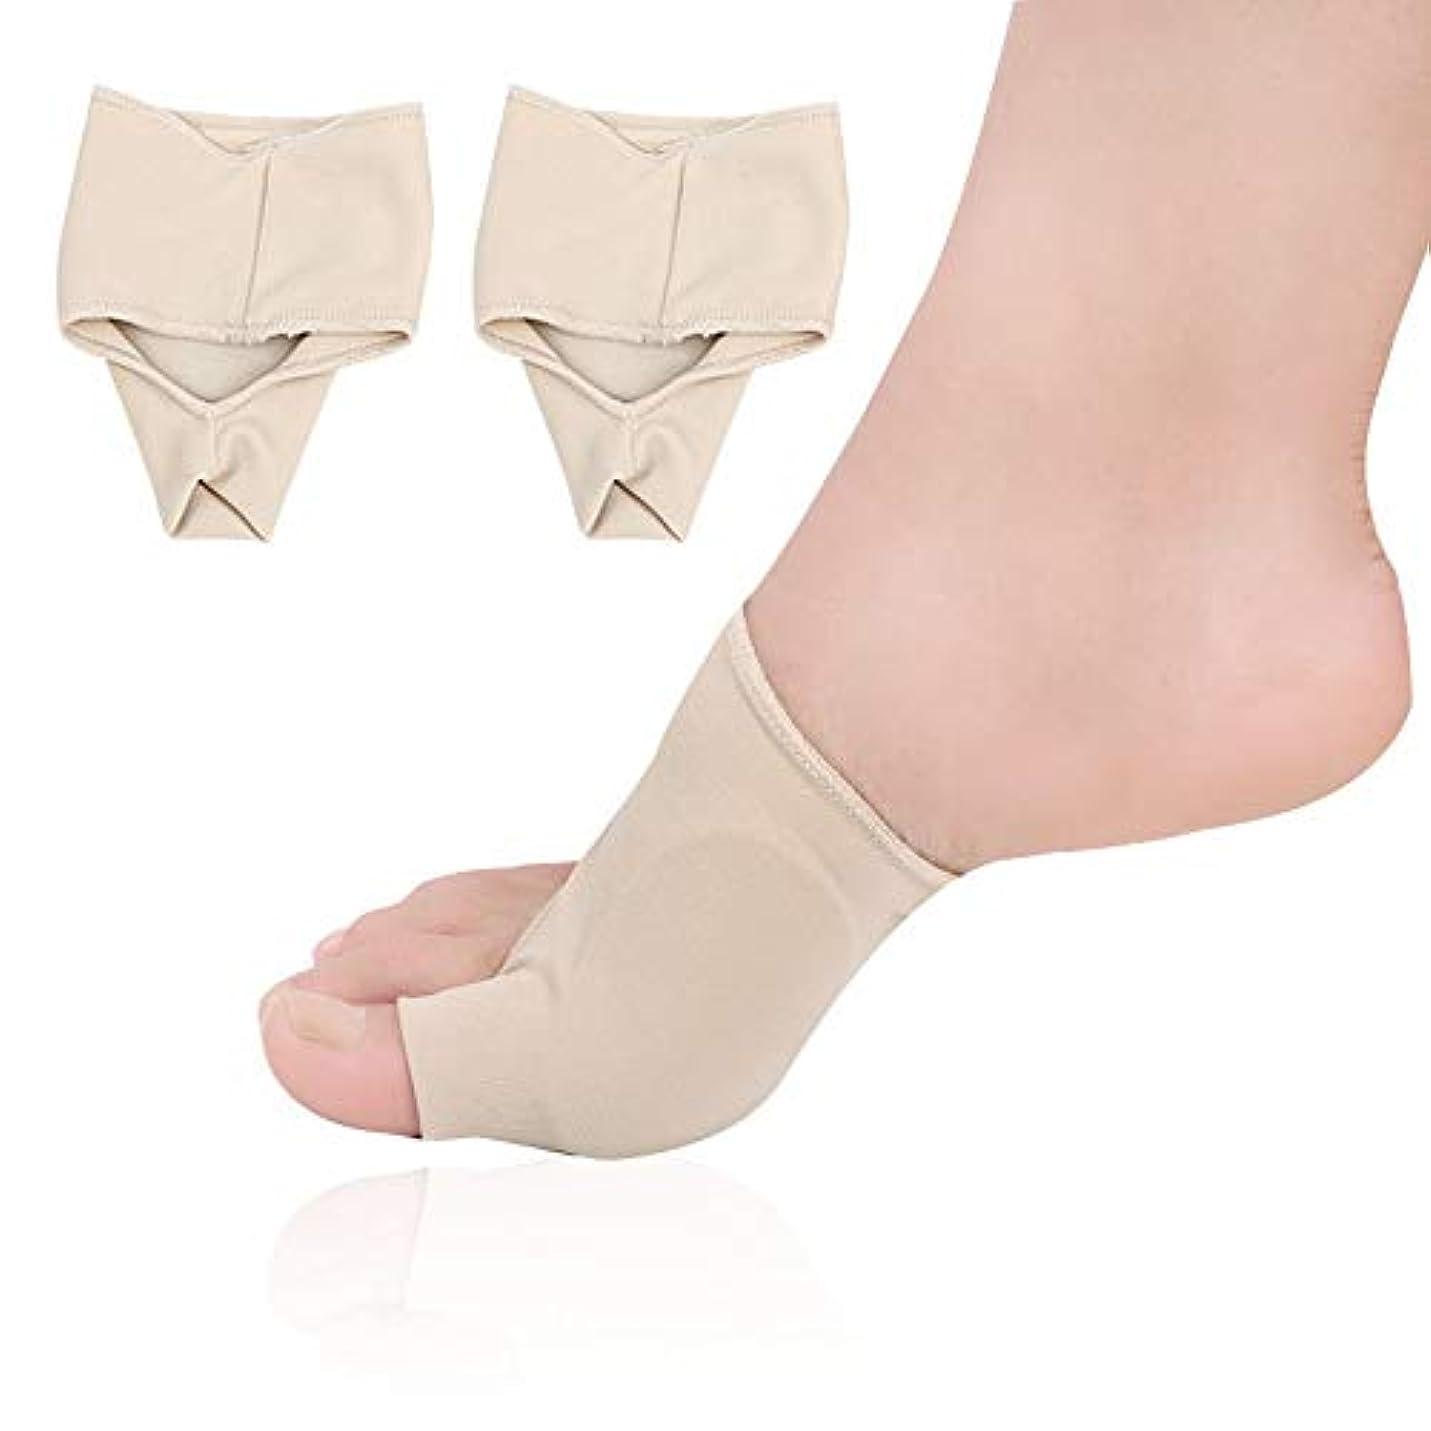 おもしろいオーディションデュアルつま先矯正靴下ケアつま先防止重複伸縮性の高いダンピング吸収汗通気性ライクラSEBS布,5pairs,L